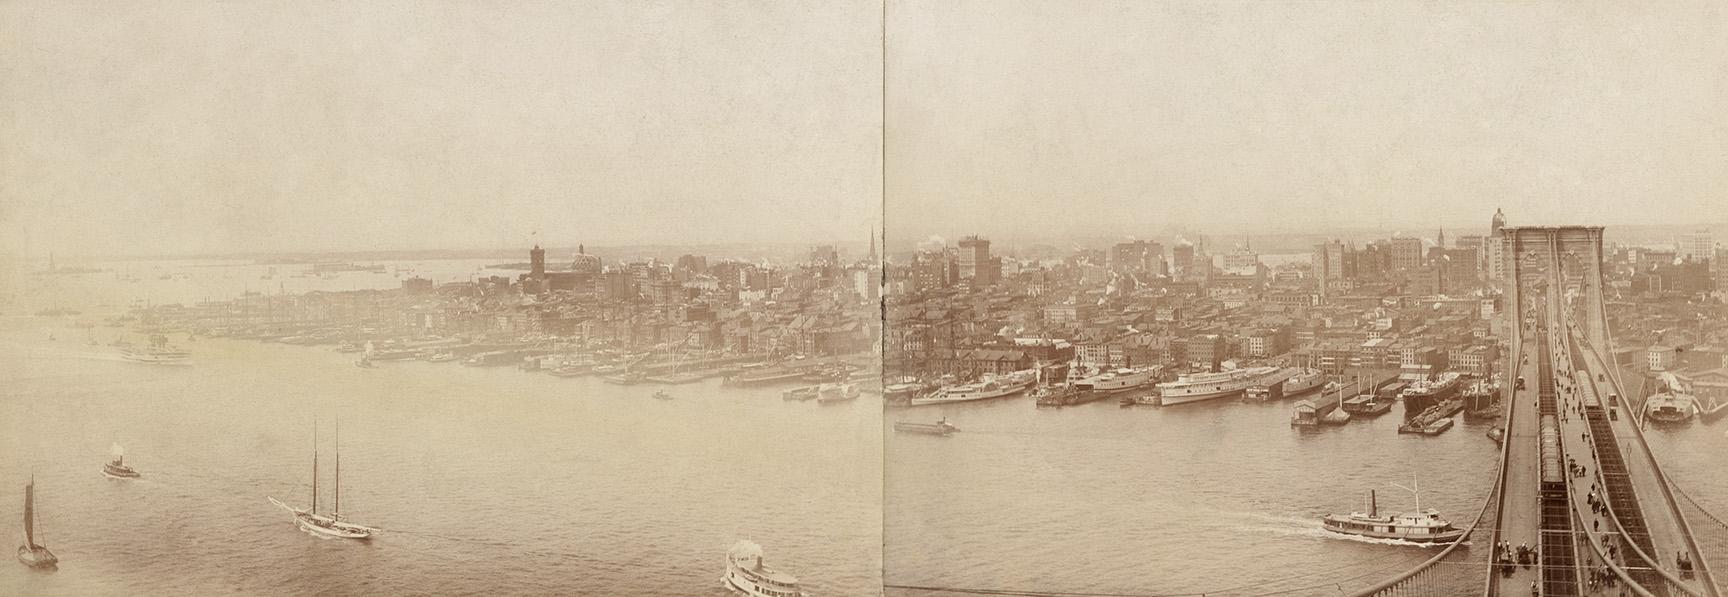 Brooklyn Bridge, ca. 1890